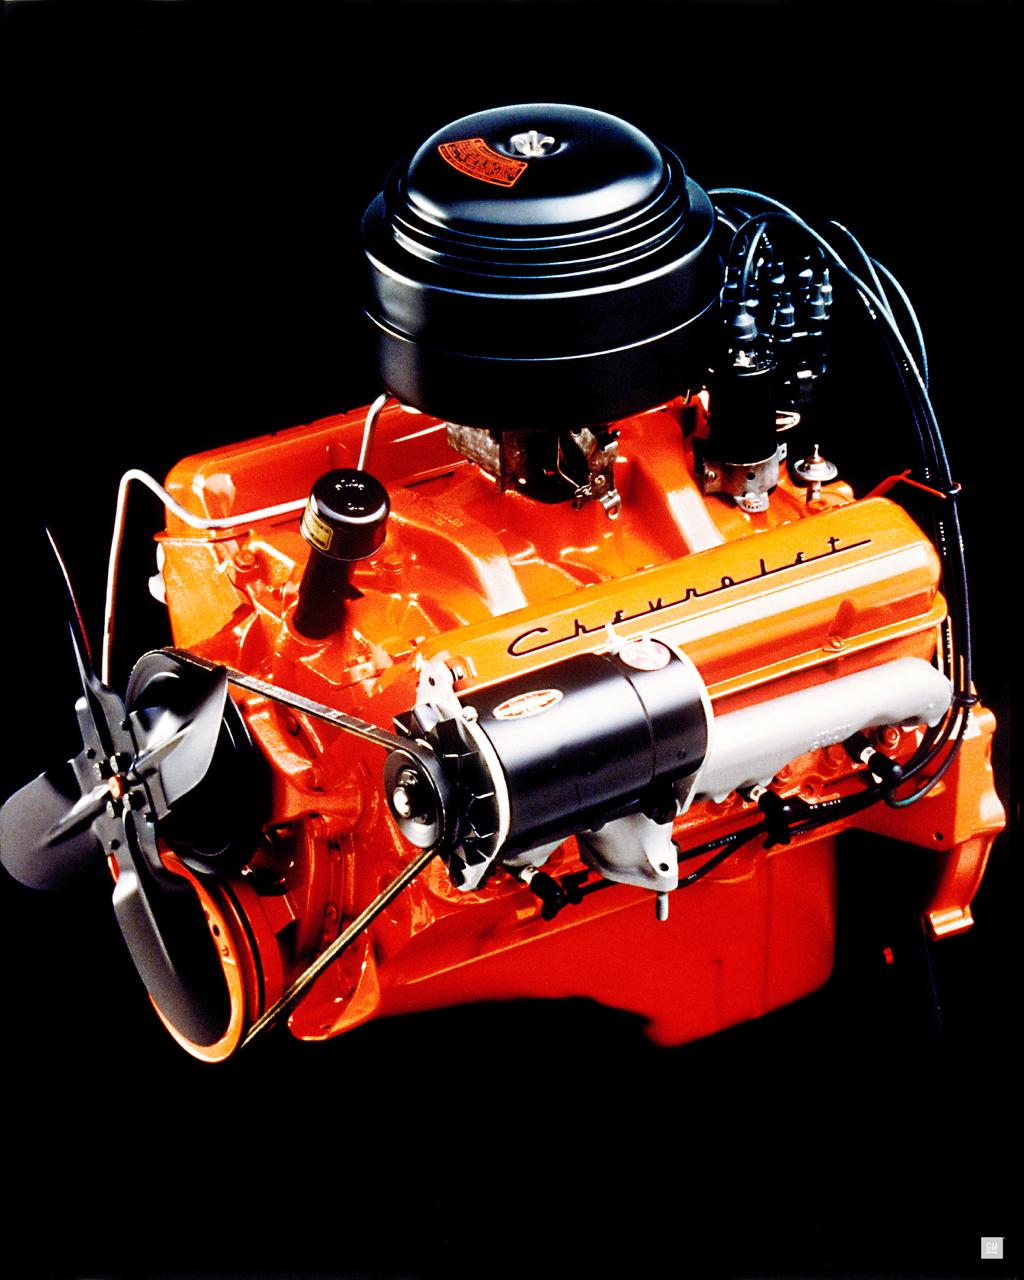 Il primo motore con potenza specifica di 1HP/1ci